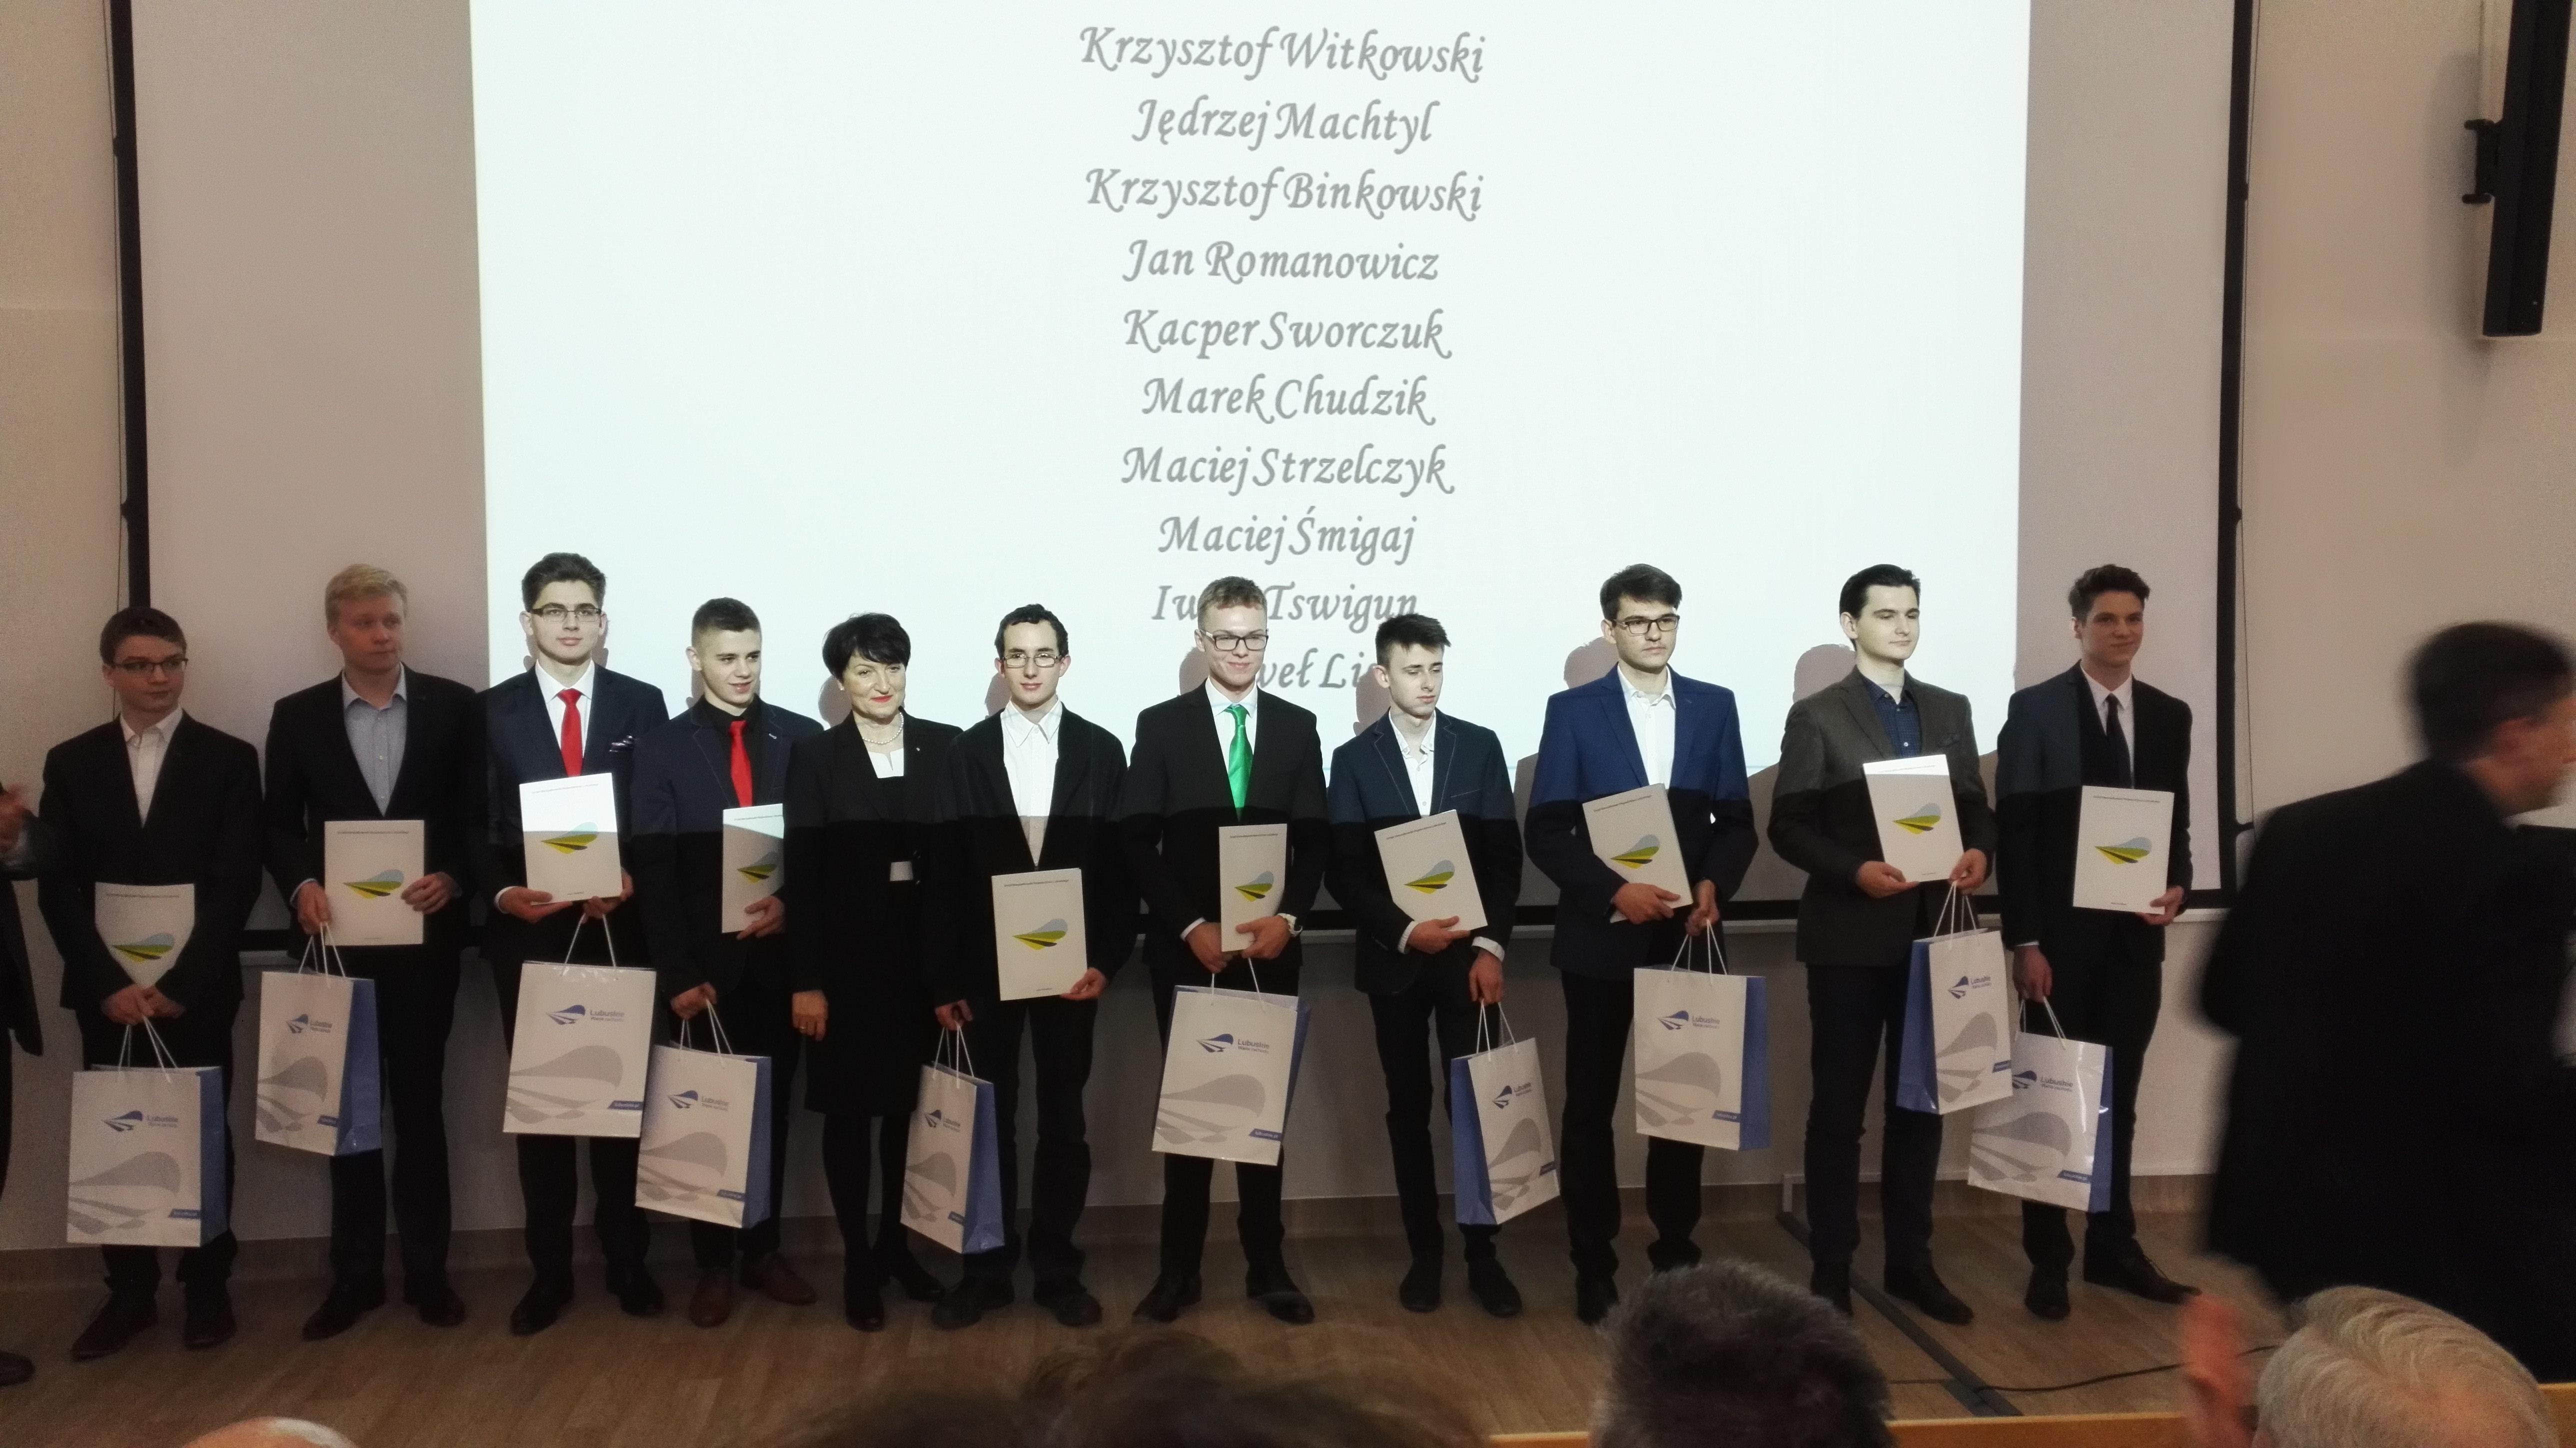 Krzysztof Binkowski i Jan Romanowicz z Zana stypendystami Marszałka Województwa Lubuskiego